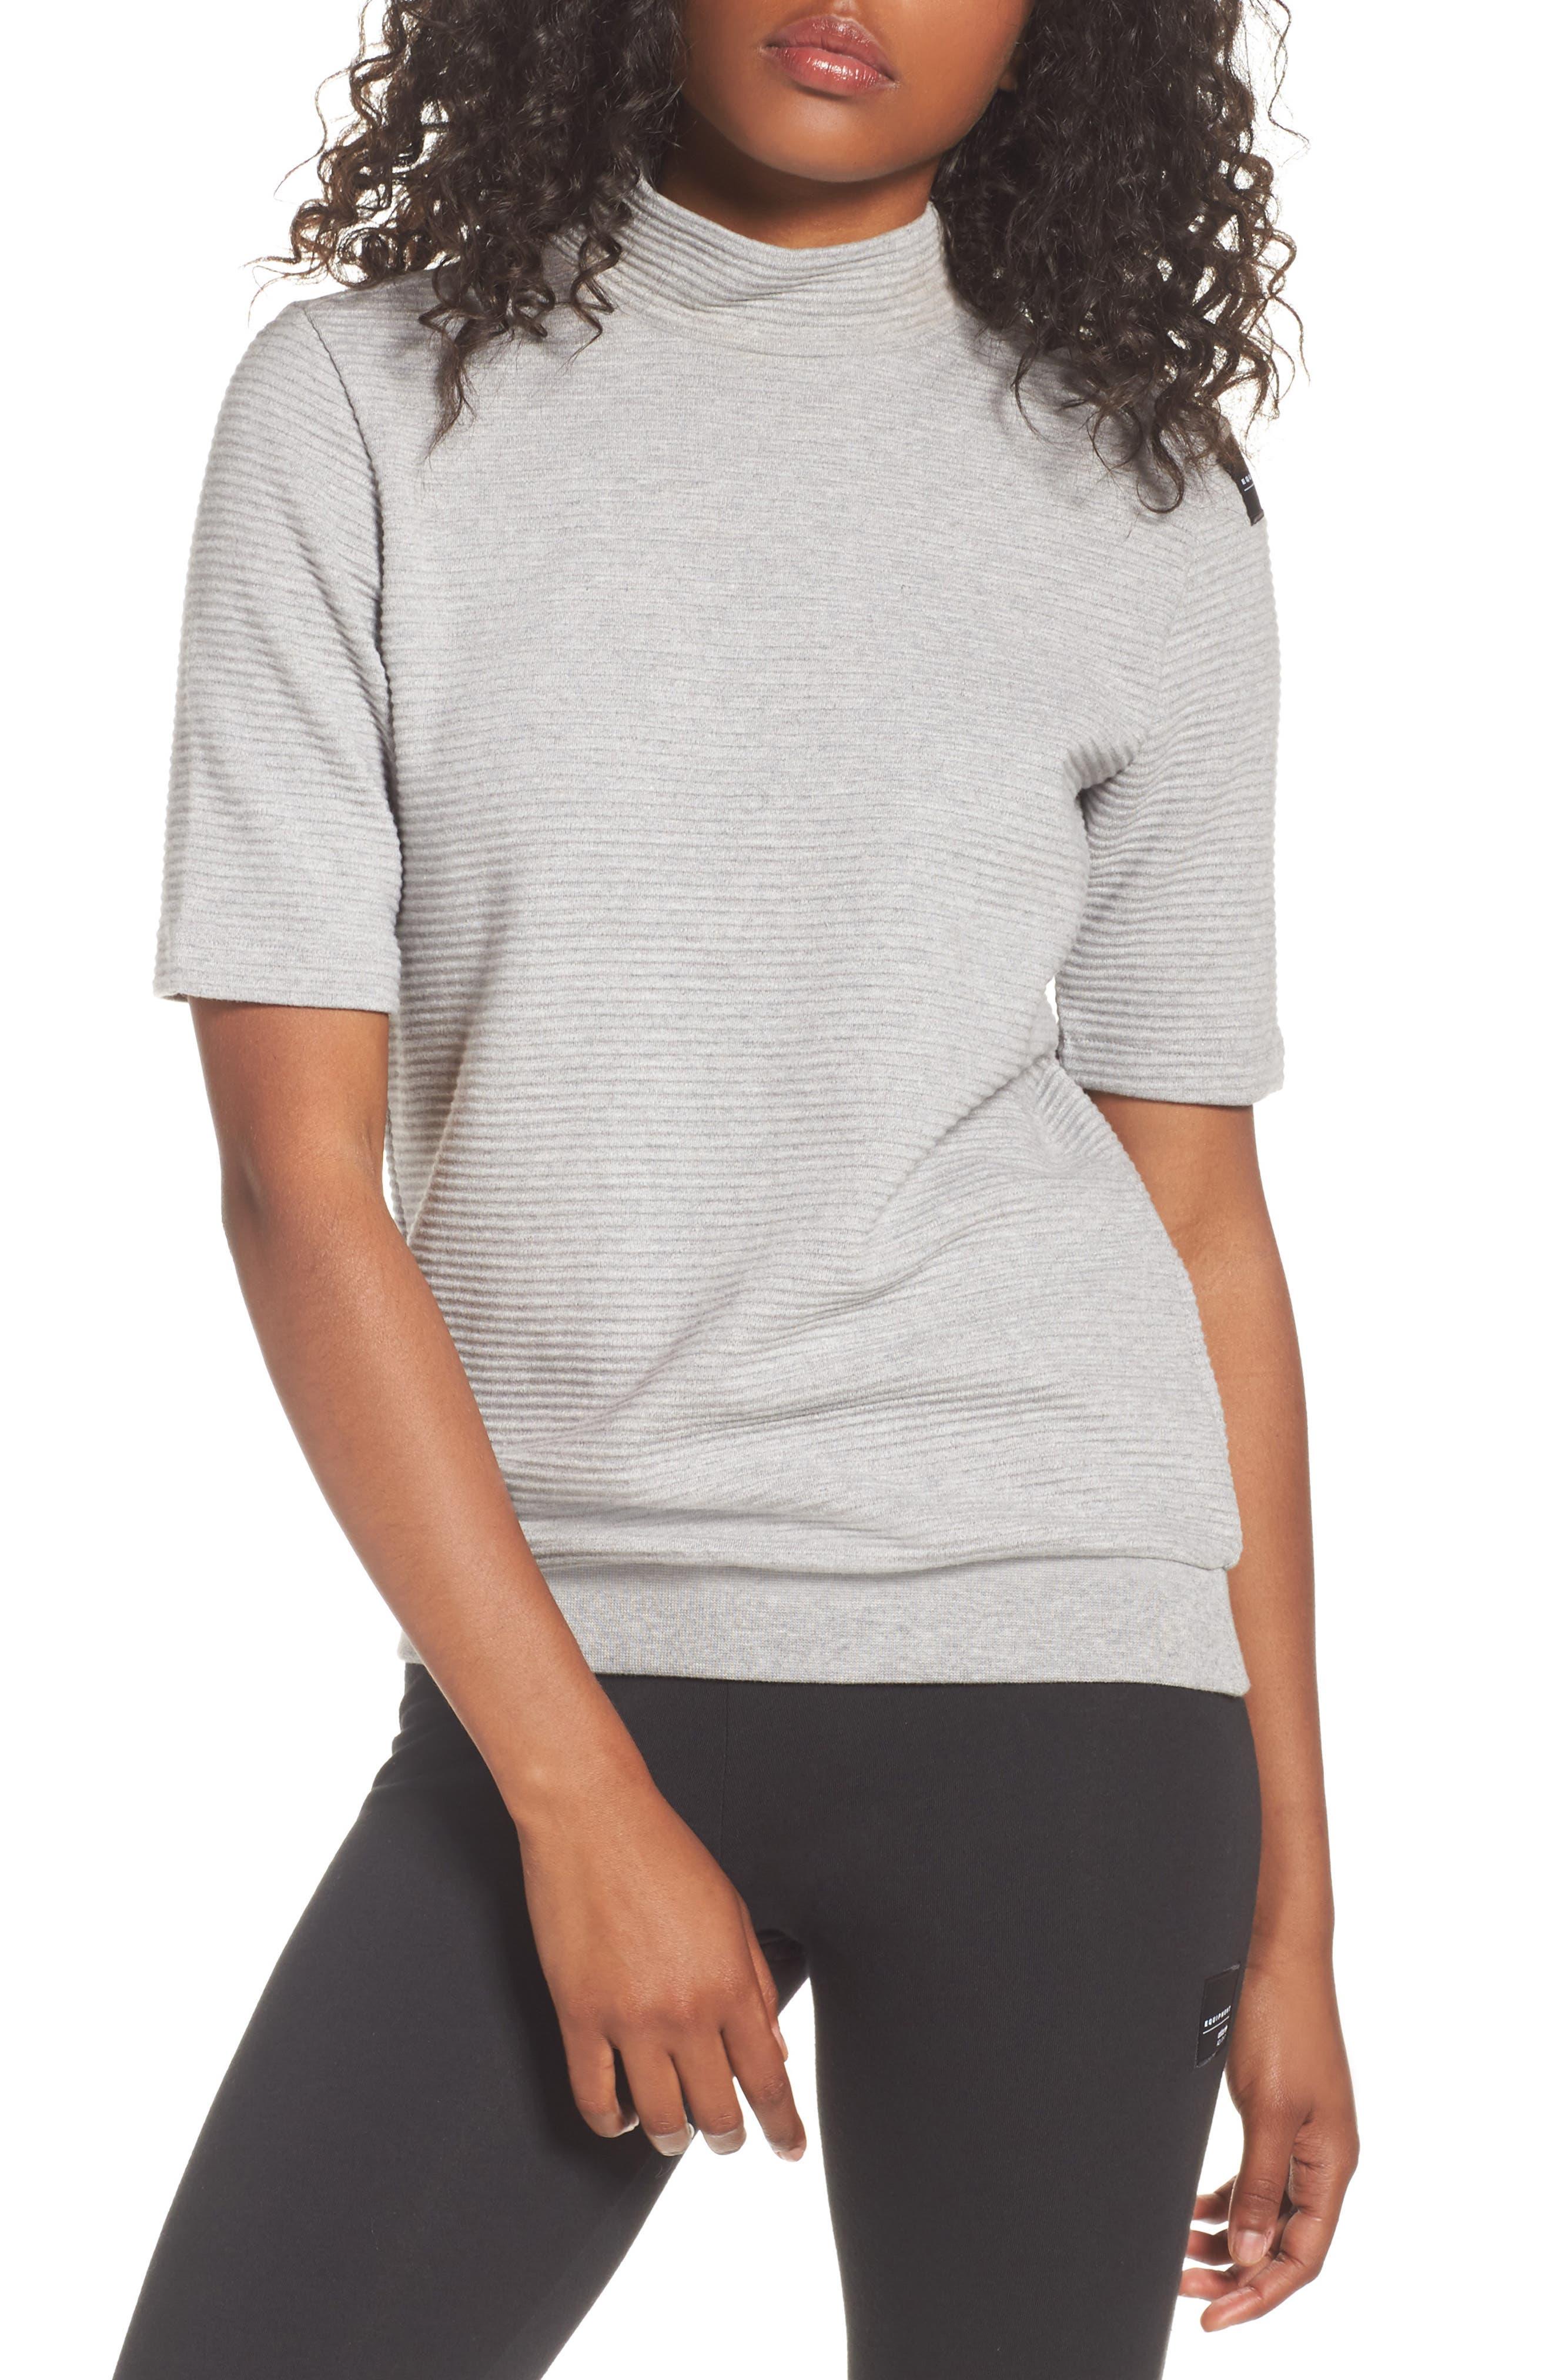 adidas Originals EQT Sweatshirt